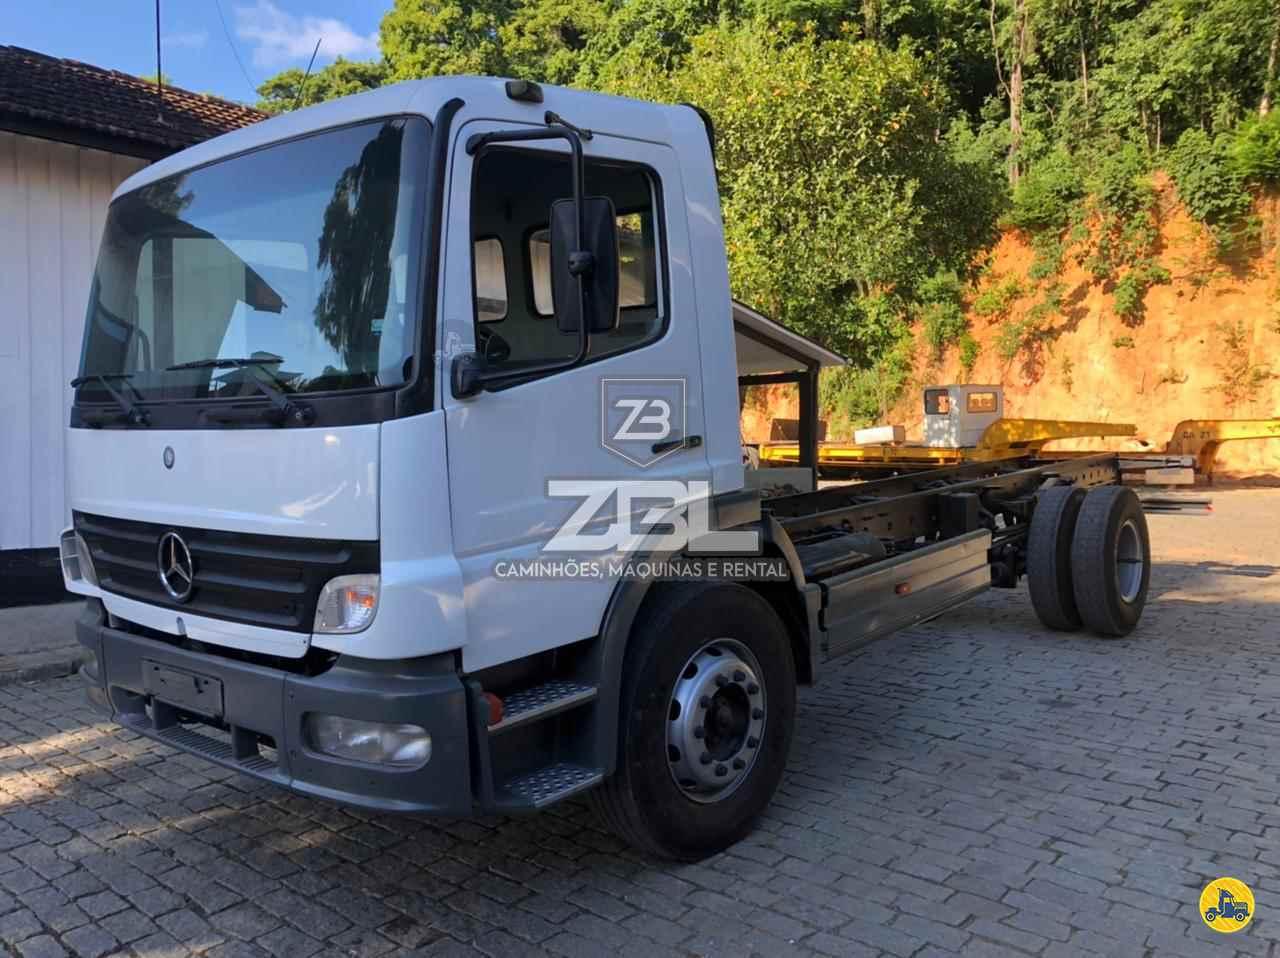 CAMINHAO MERCEDES-BENZ MB 1418 Chassis Toco 4x2 ZBL Caminhões CASTELO ESPÍRITO SANTO ES